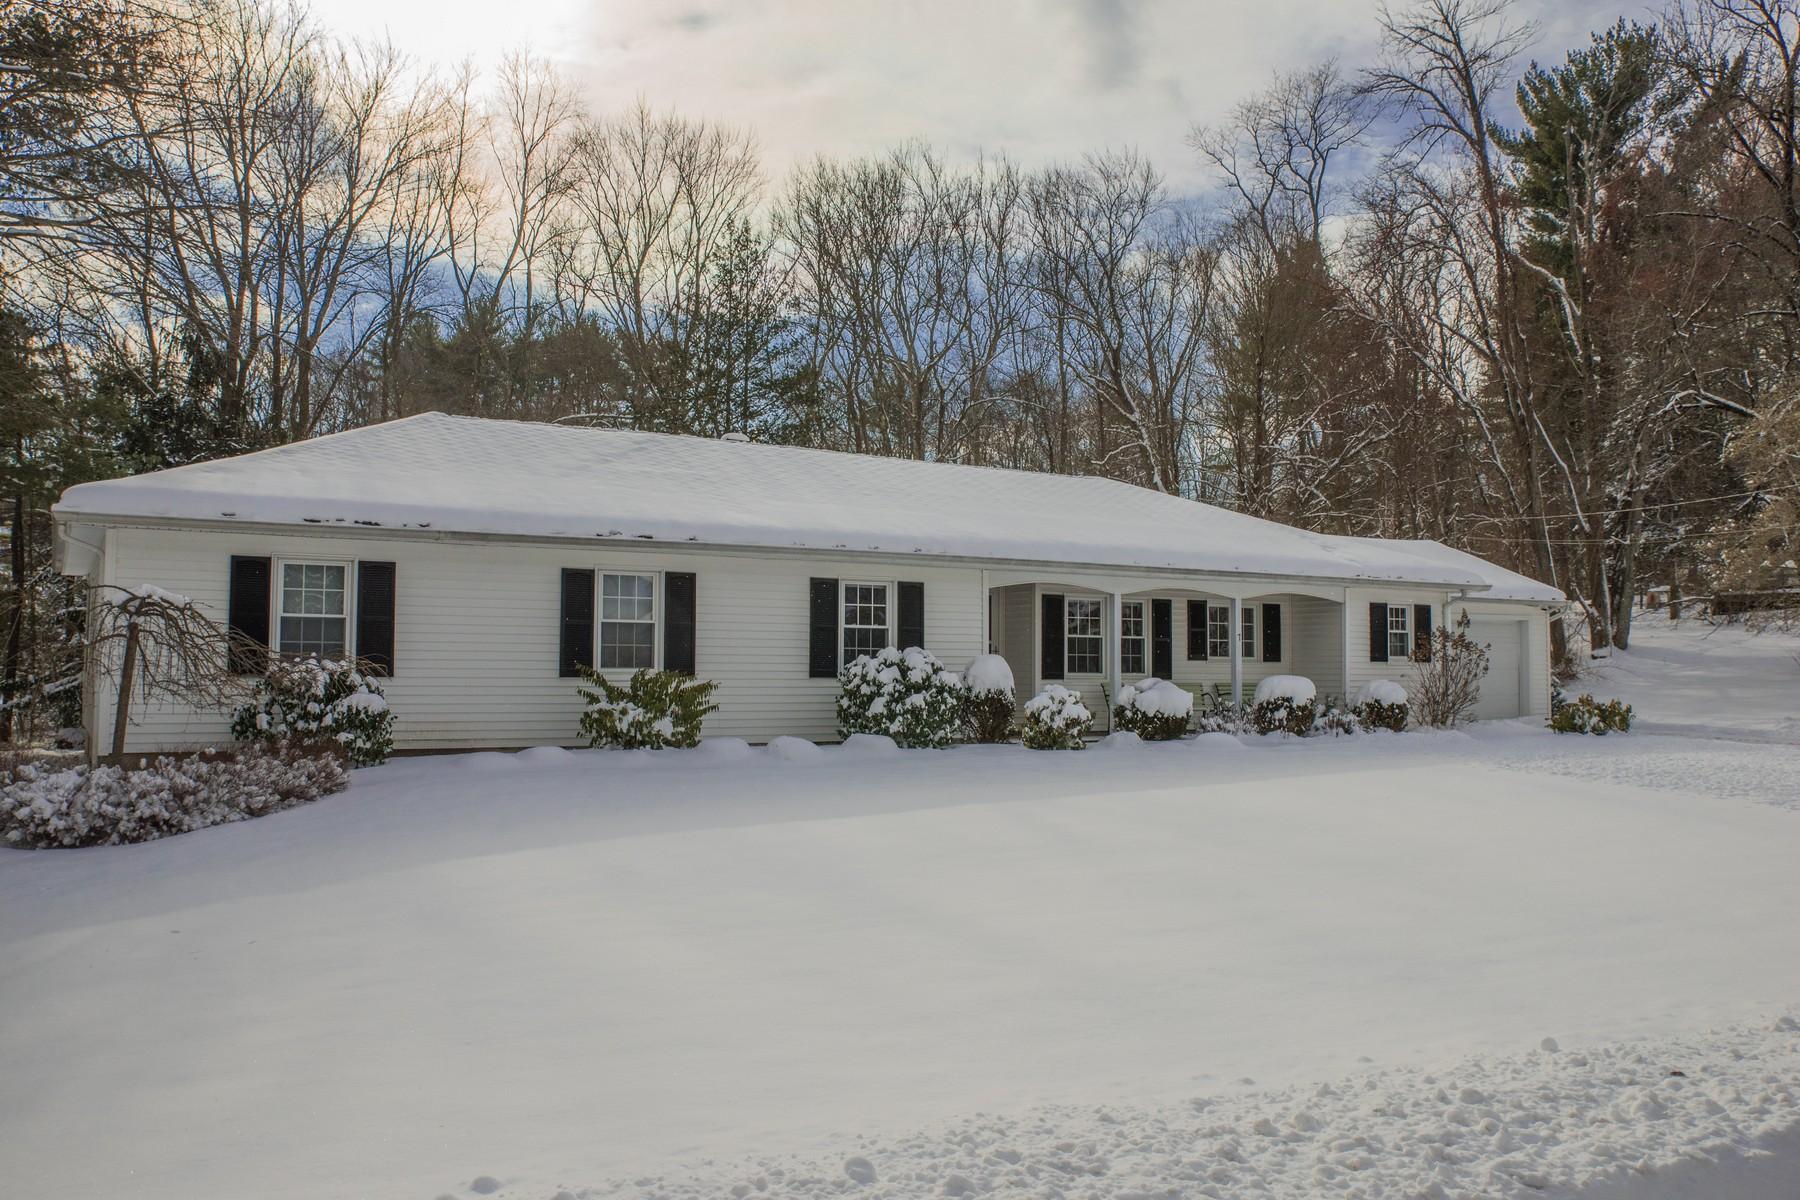 Nhà ở một gia đình vì Bán tại One Floor Living With All Modern Conveniences 7 Pratt St Chester, Connecticut, 06412 Hoa Kỳ